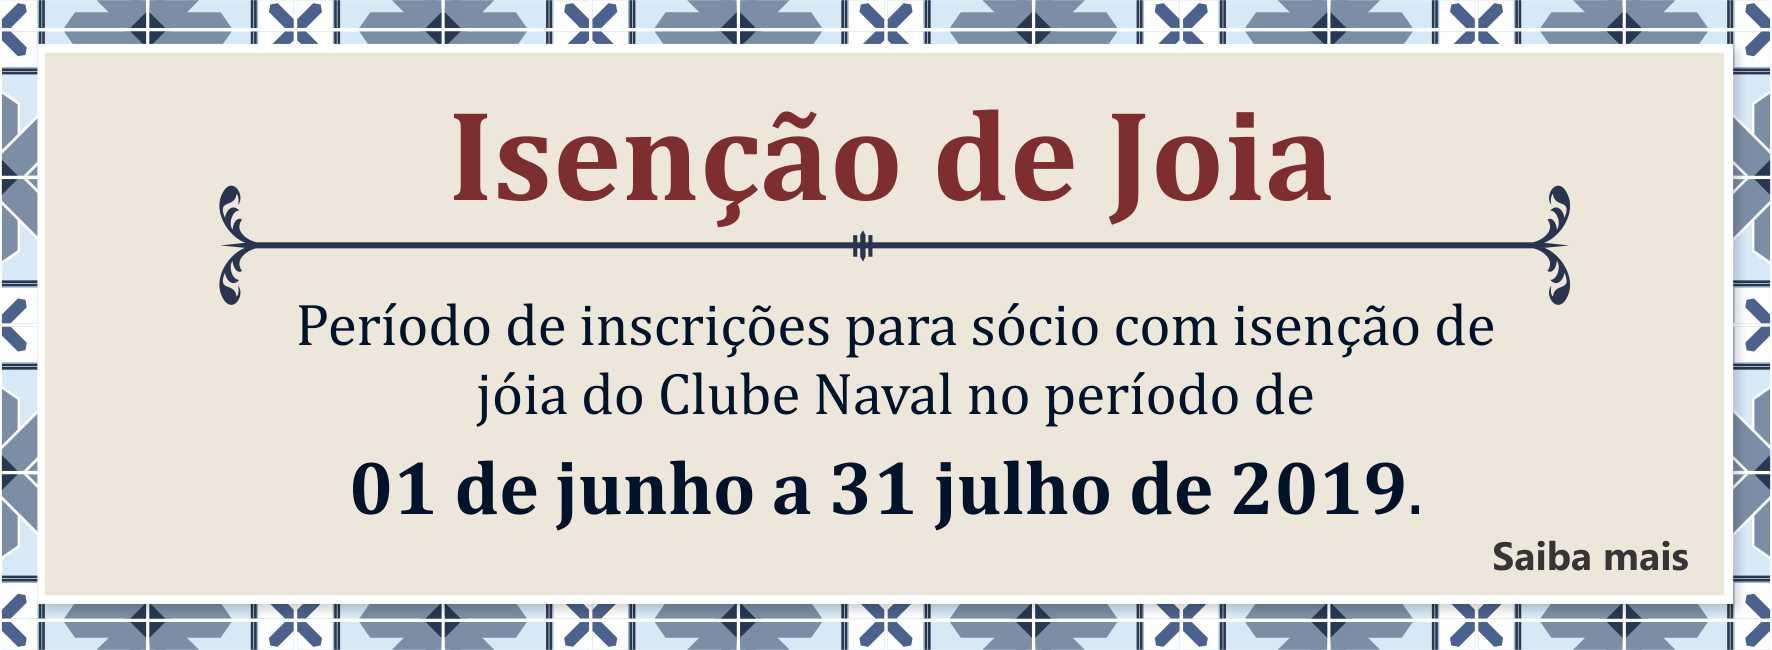 https://www.clubenaval.org.br/novo/admiss%C3%A3o-com-isen%C3%A7%C3%A3o-de-joia-3